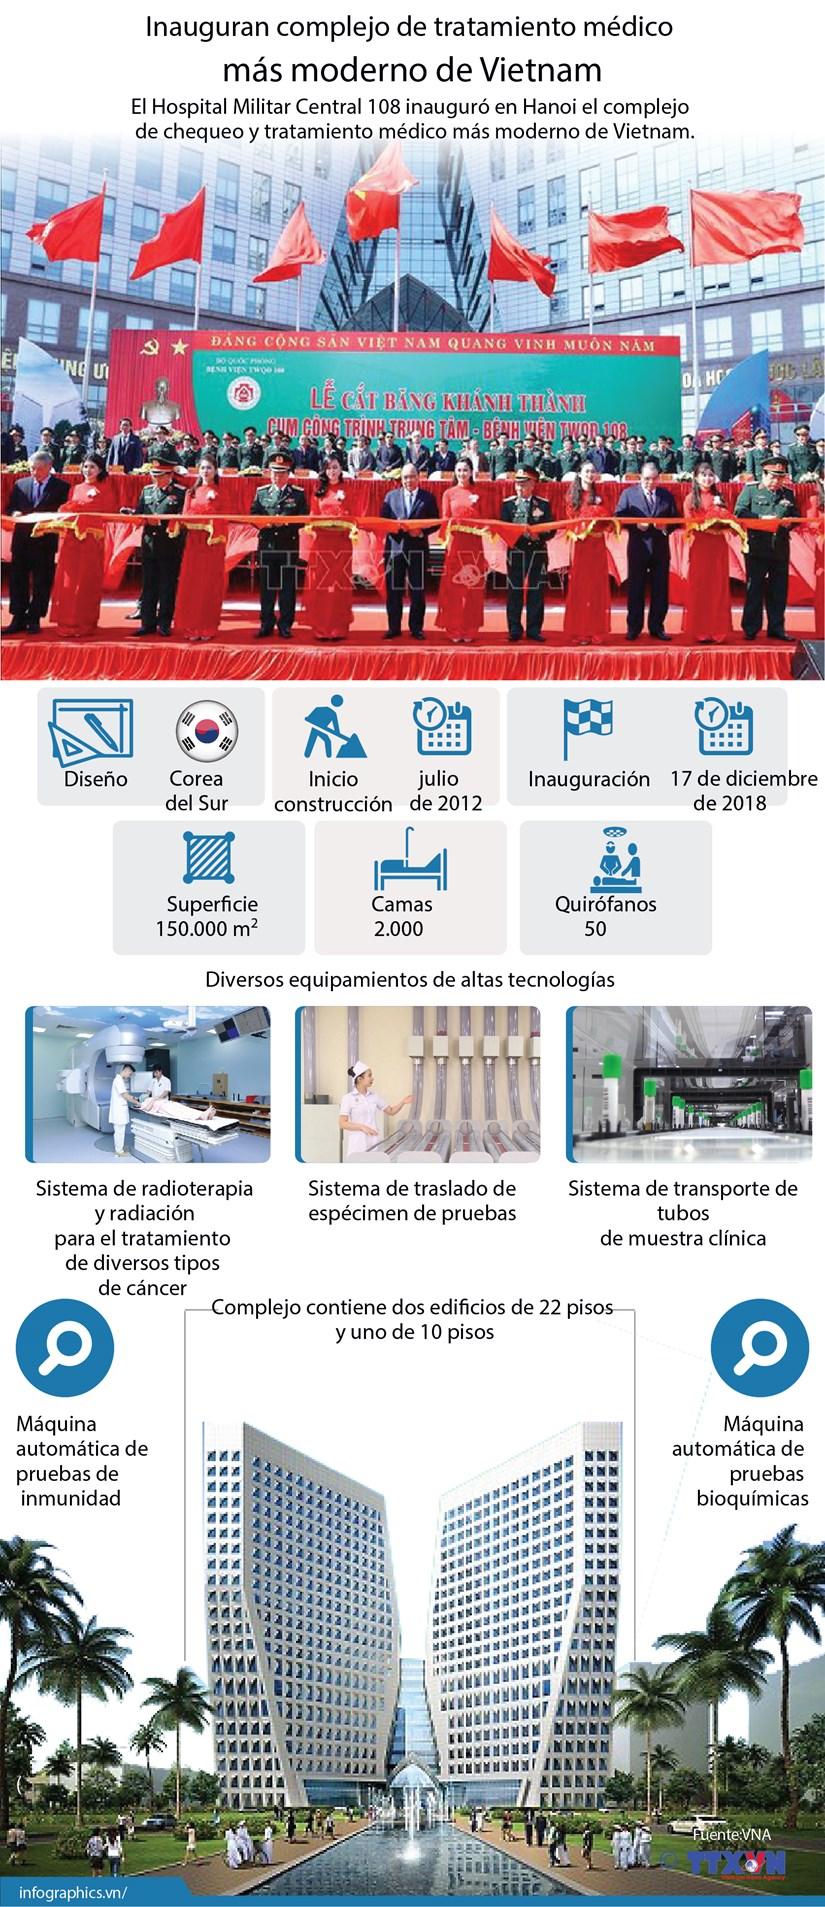 (Info) Inauguran complejo de tratamiento medico mas moderno de Vietnam hinh anh 1